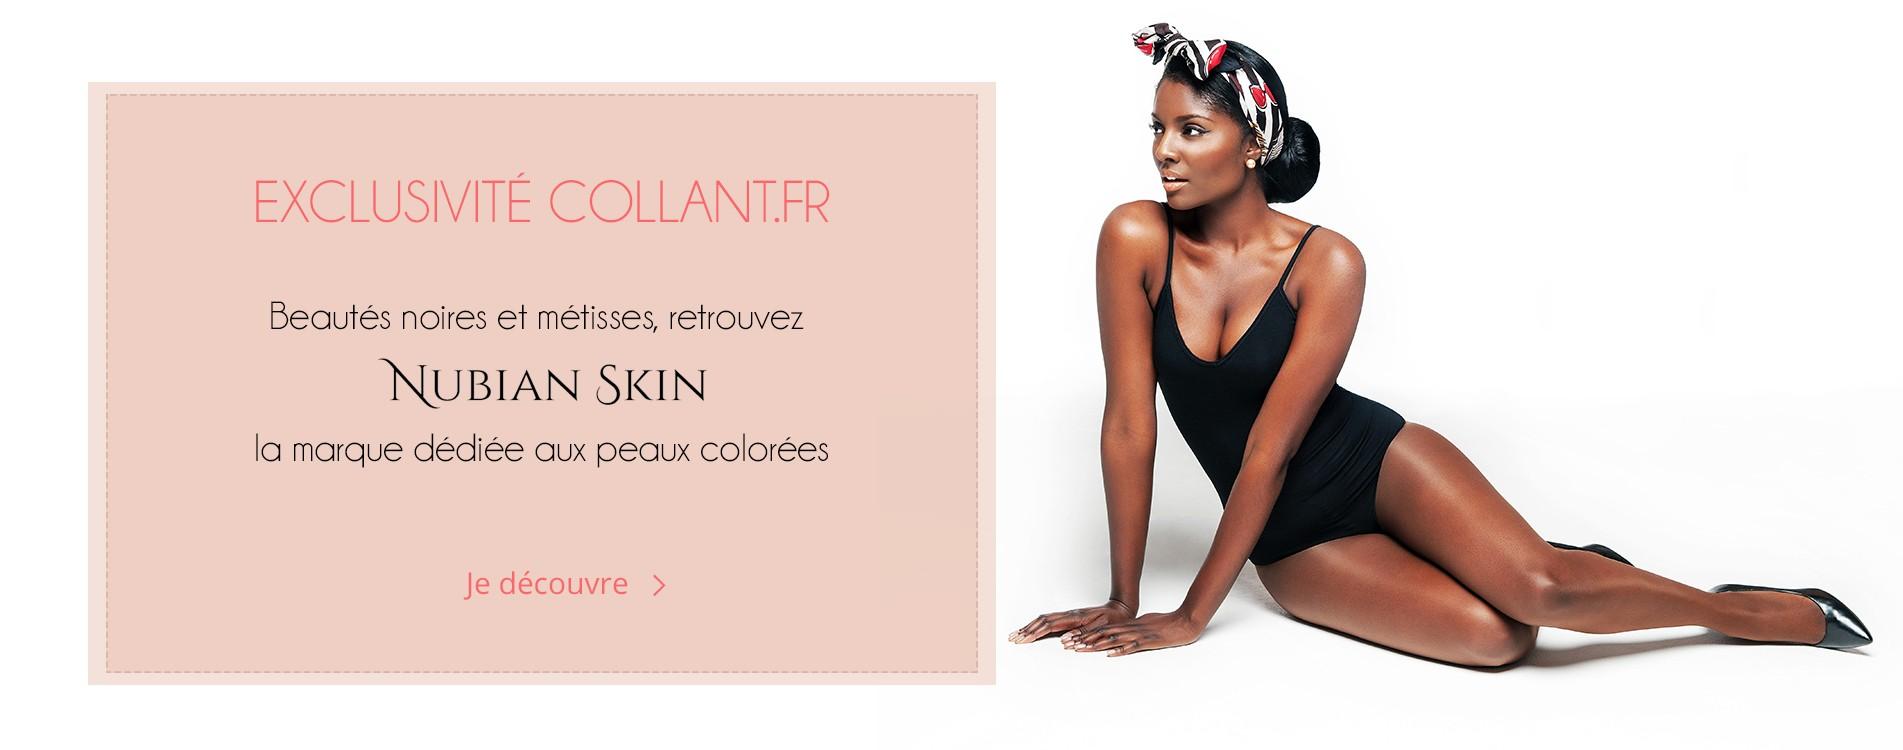 Découvrez en exclusivité la marque Nubian Skin sur collant.fr !